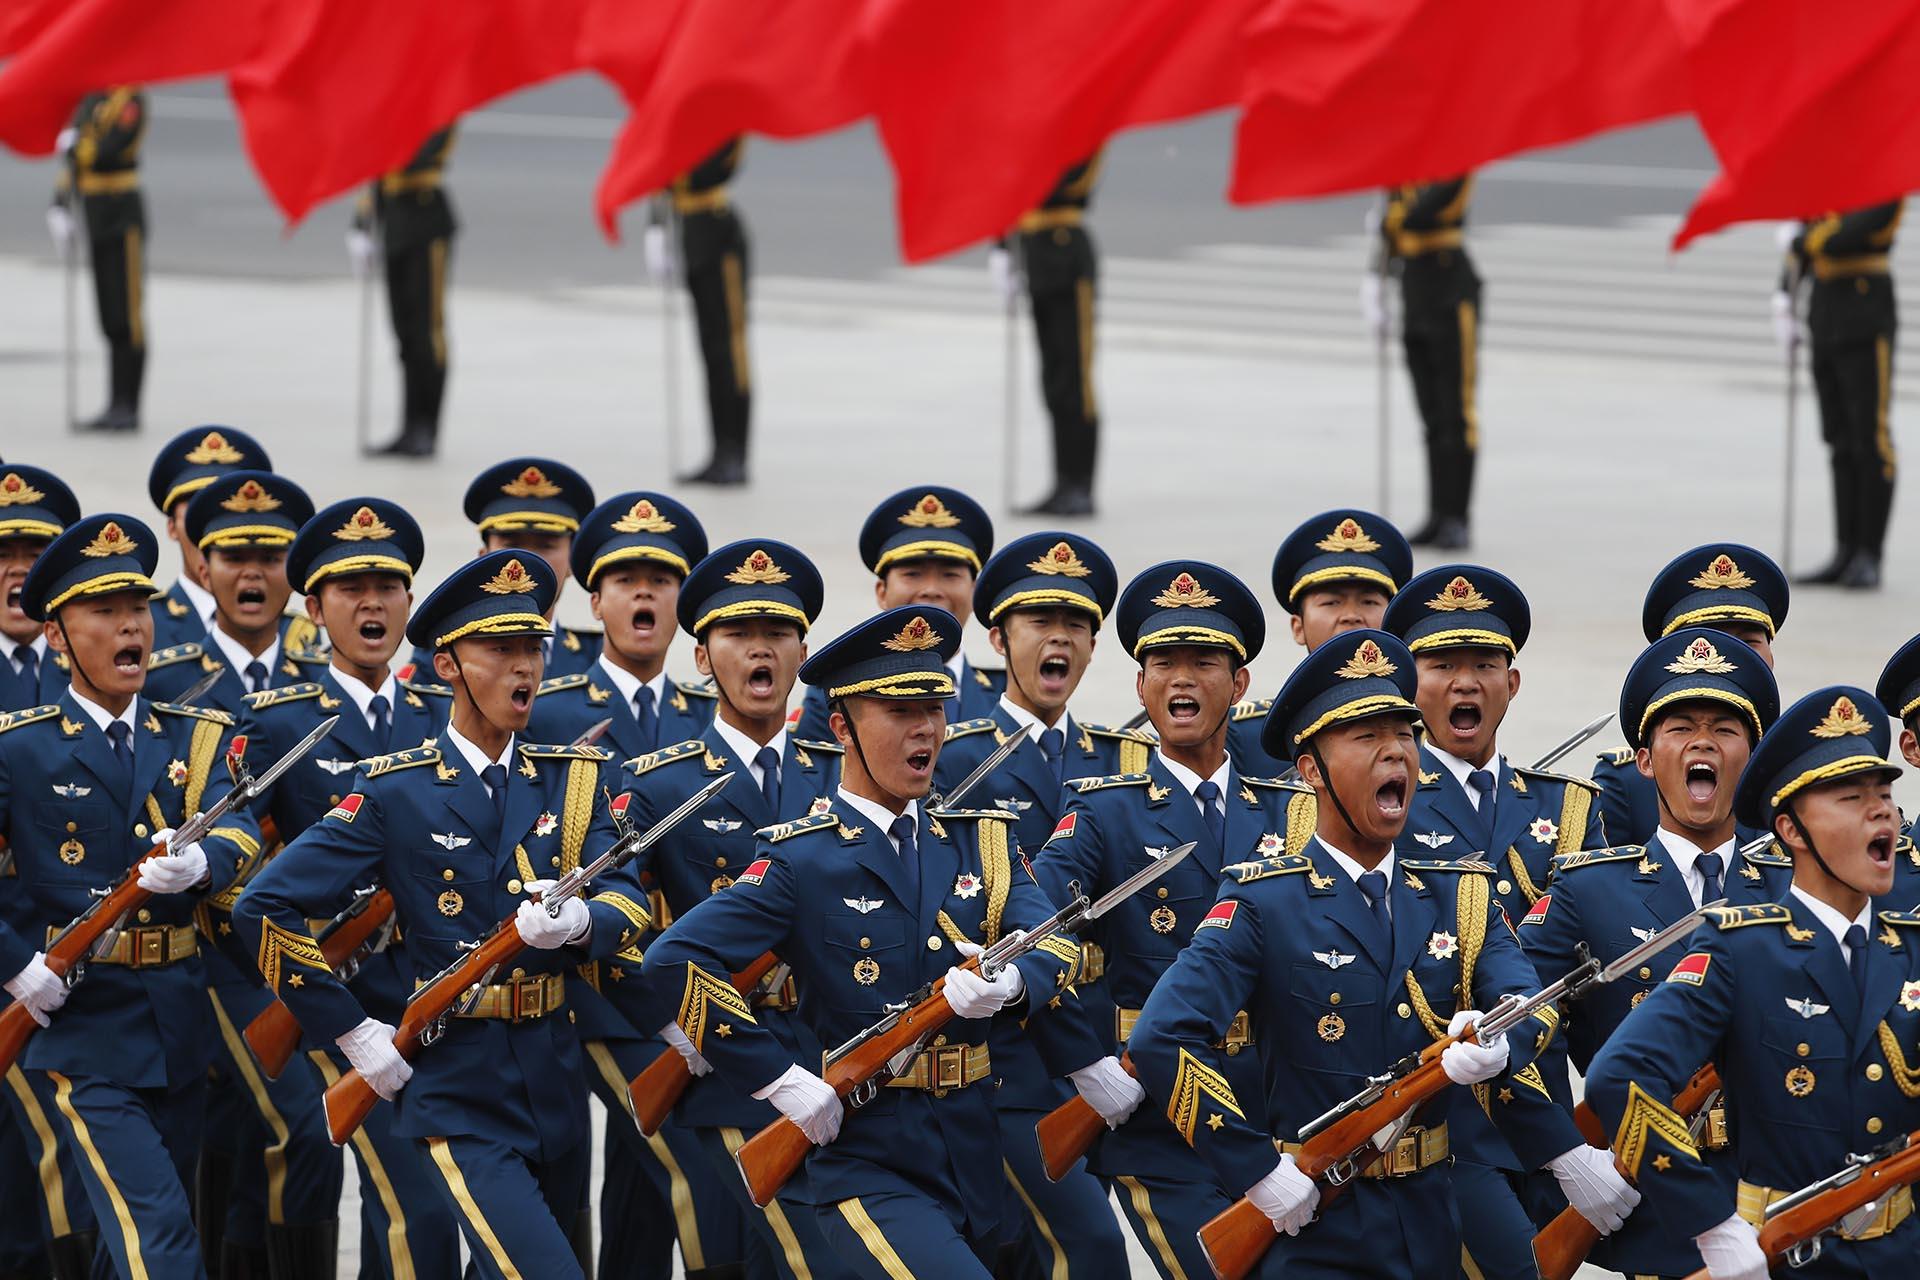 Miembros de la guardia de honor de China desfilan durante la ceremonia de bienvenida al primer ministro luxemburgués Xavier Bettel en Beijing (AP)